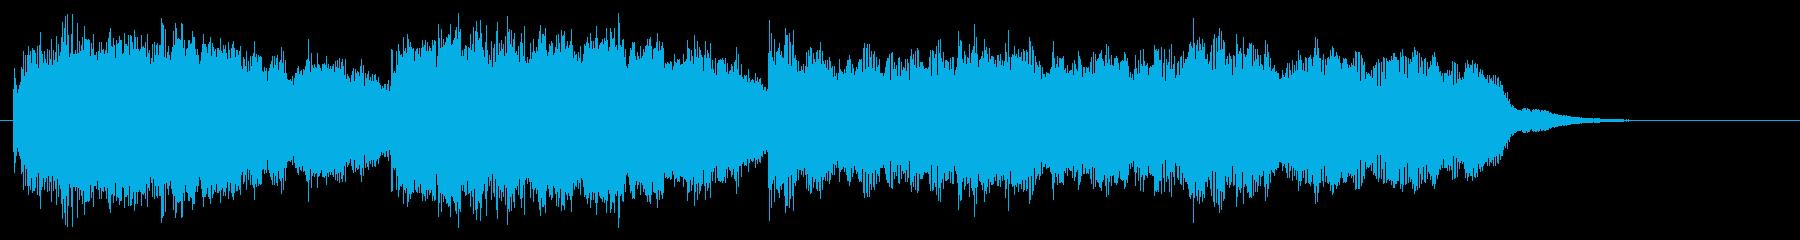 教会音楽風ですが最後は8分音符で刻みますの再生済みの波形